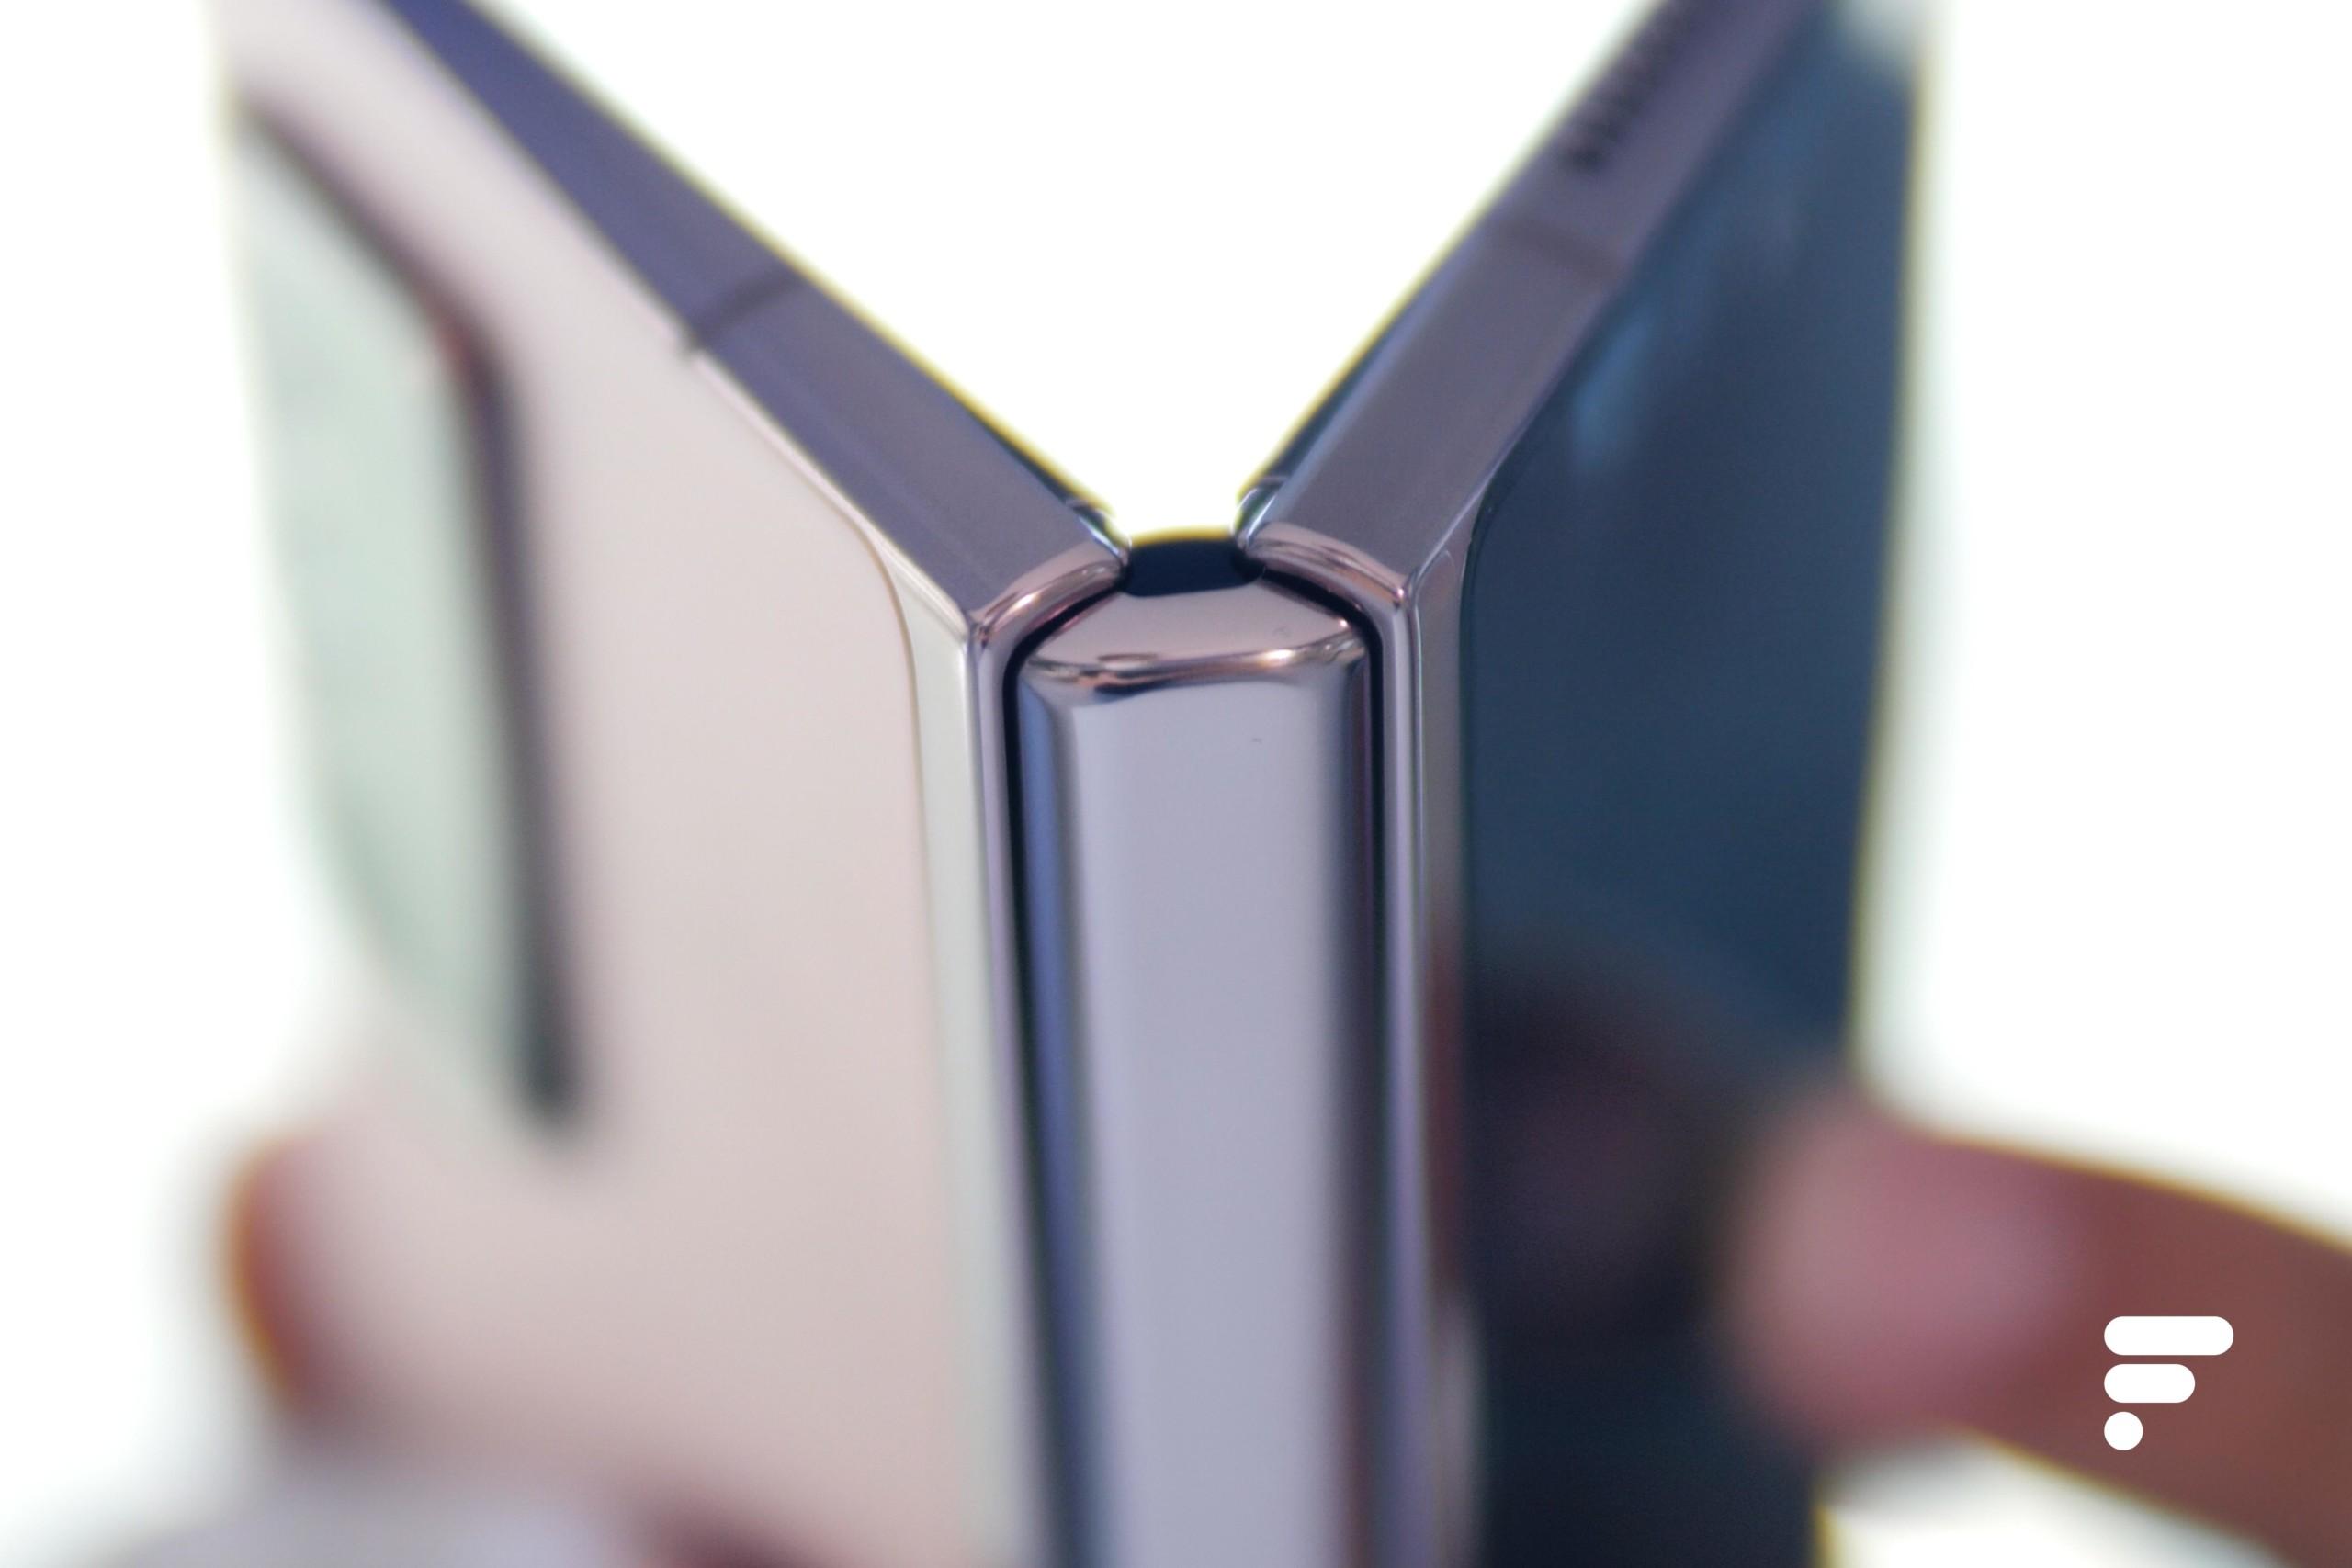 Samsung Galaxy Z Fold 2, annonces des Nvidia GeForce RTX 3000 et nouveau Xiaomi Mi 10 pas cher – Tech'spresso